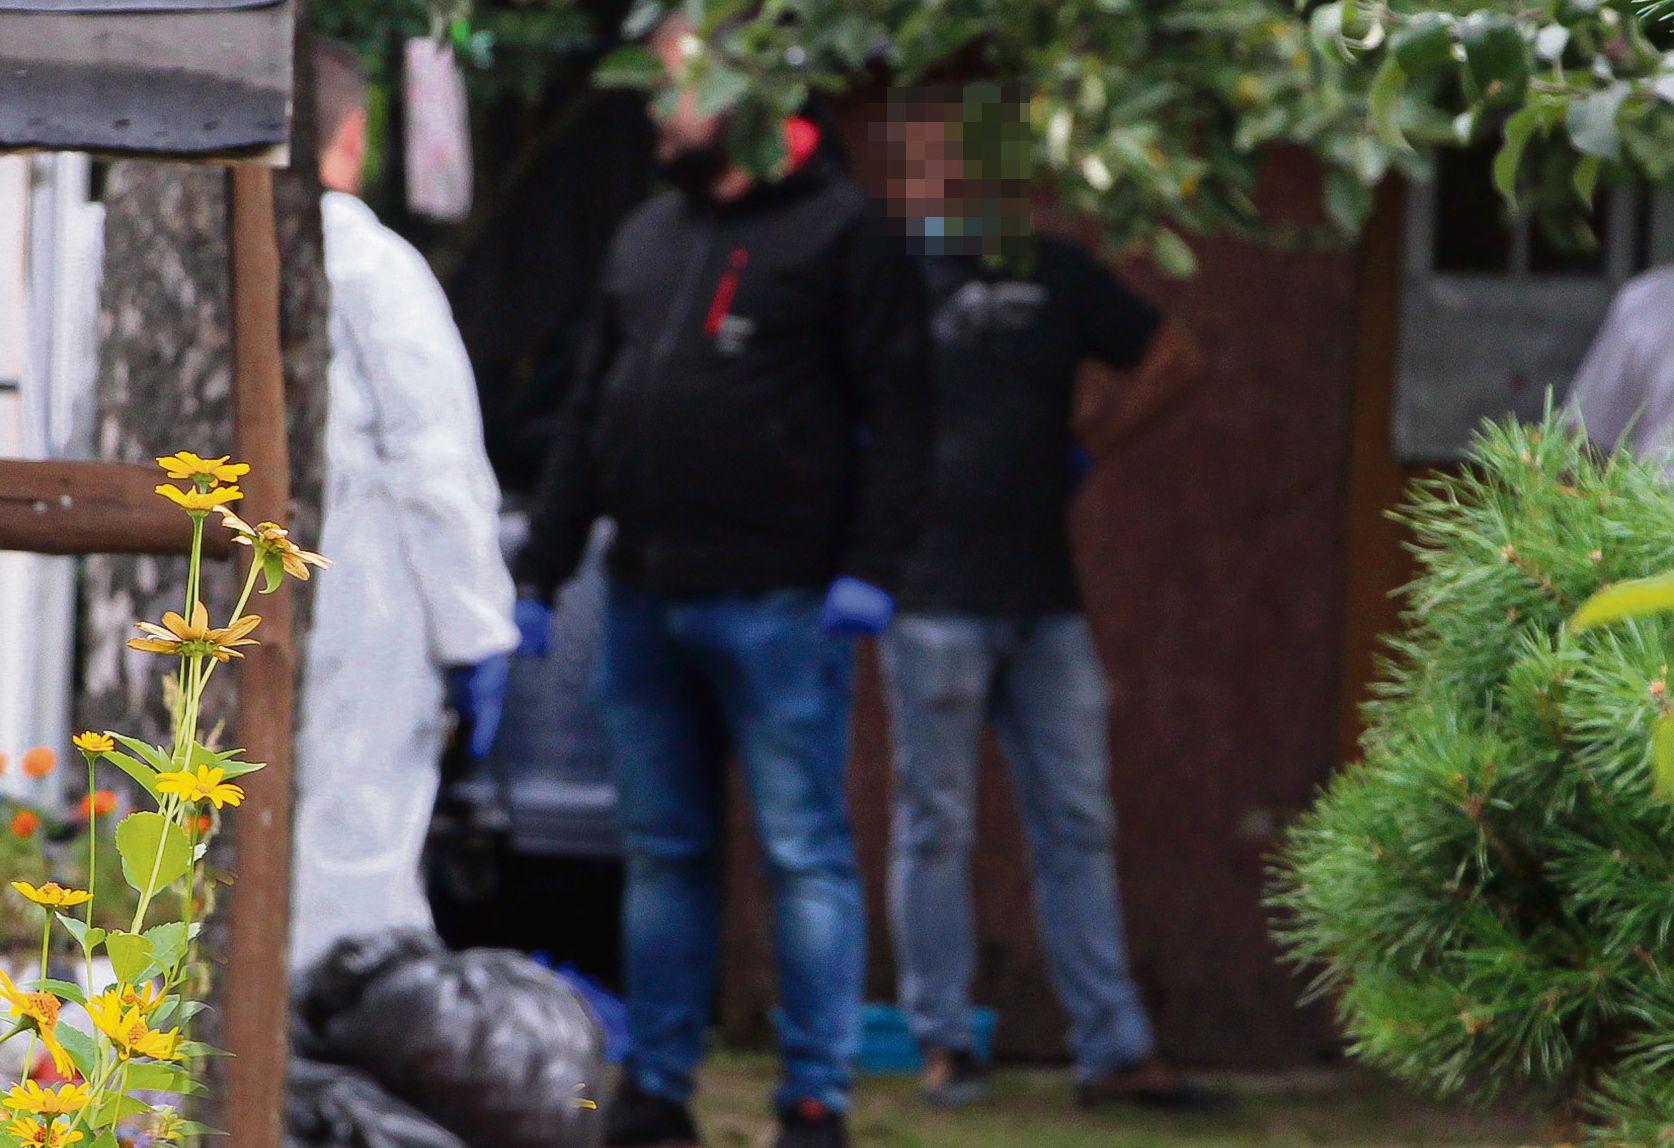 Morderstwo w Pleszewie. Czy zatrzymani byli pod wpływem narkotyków?  - Zdjęcie główne